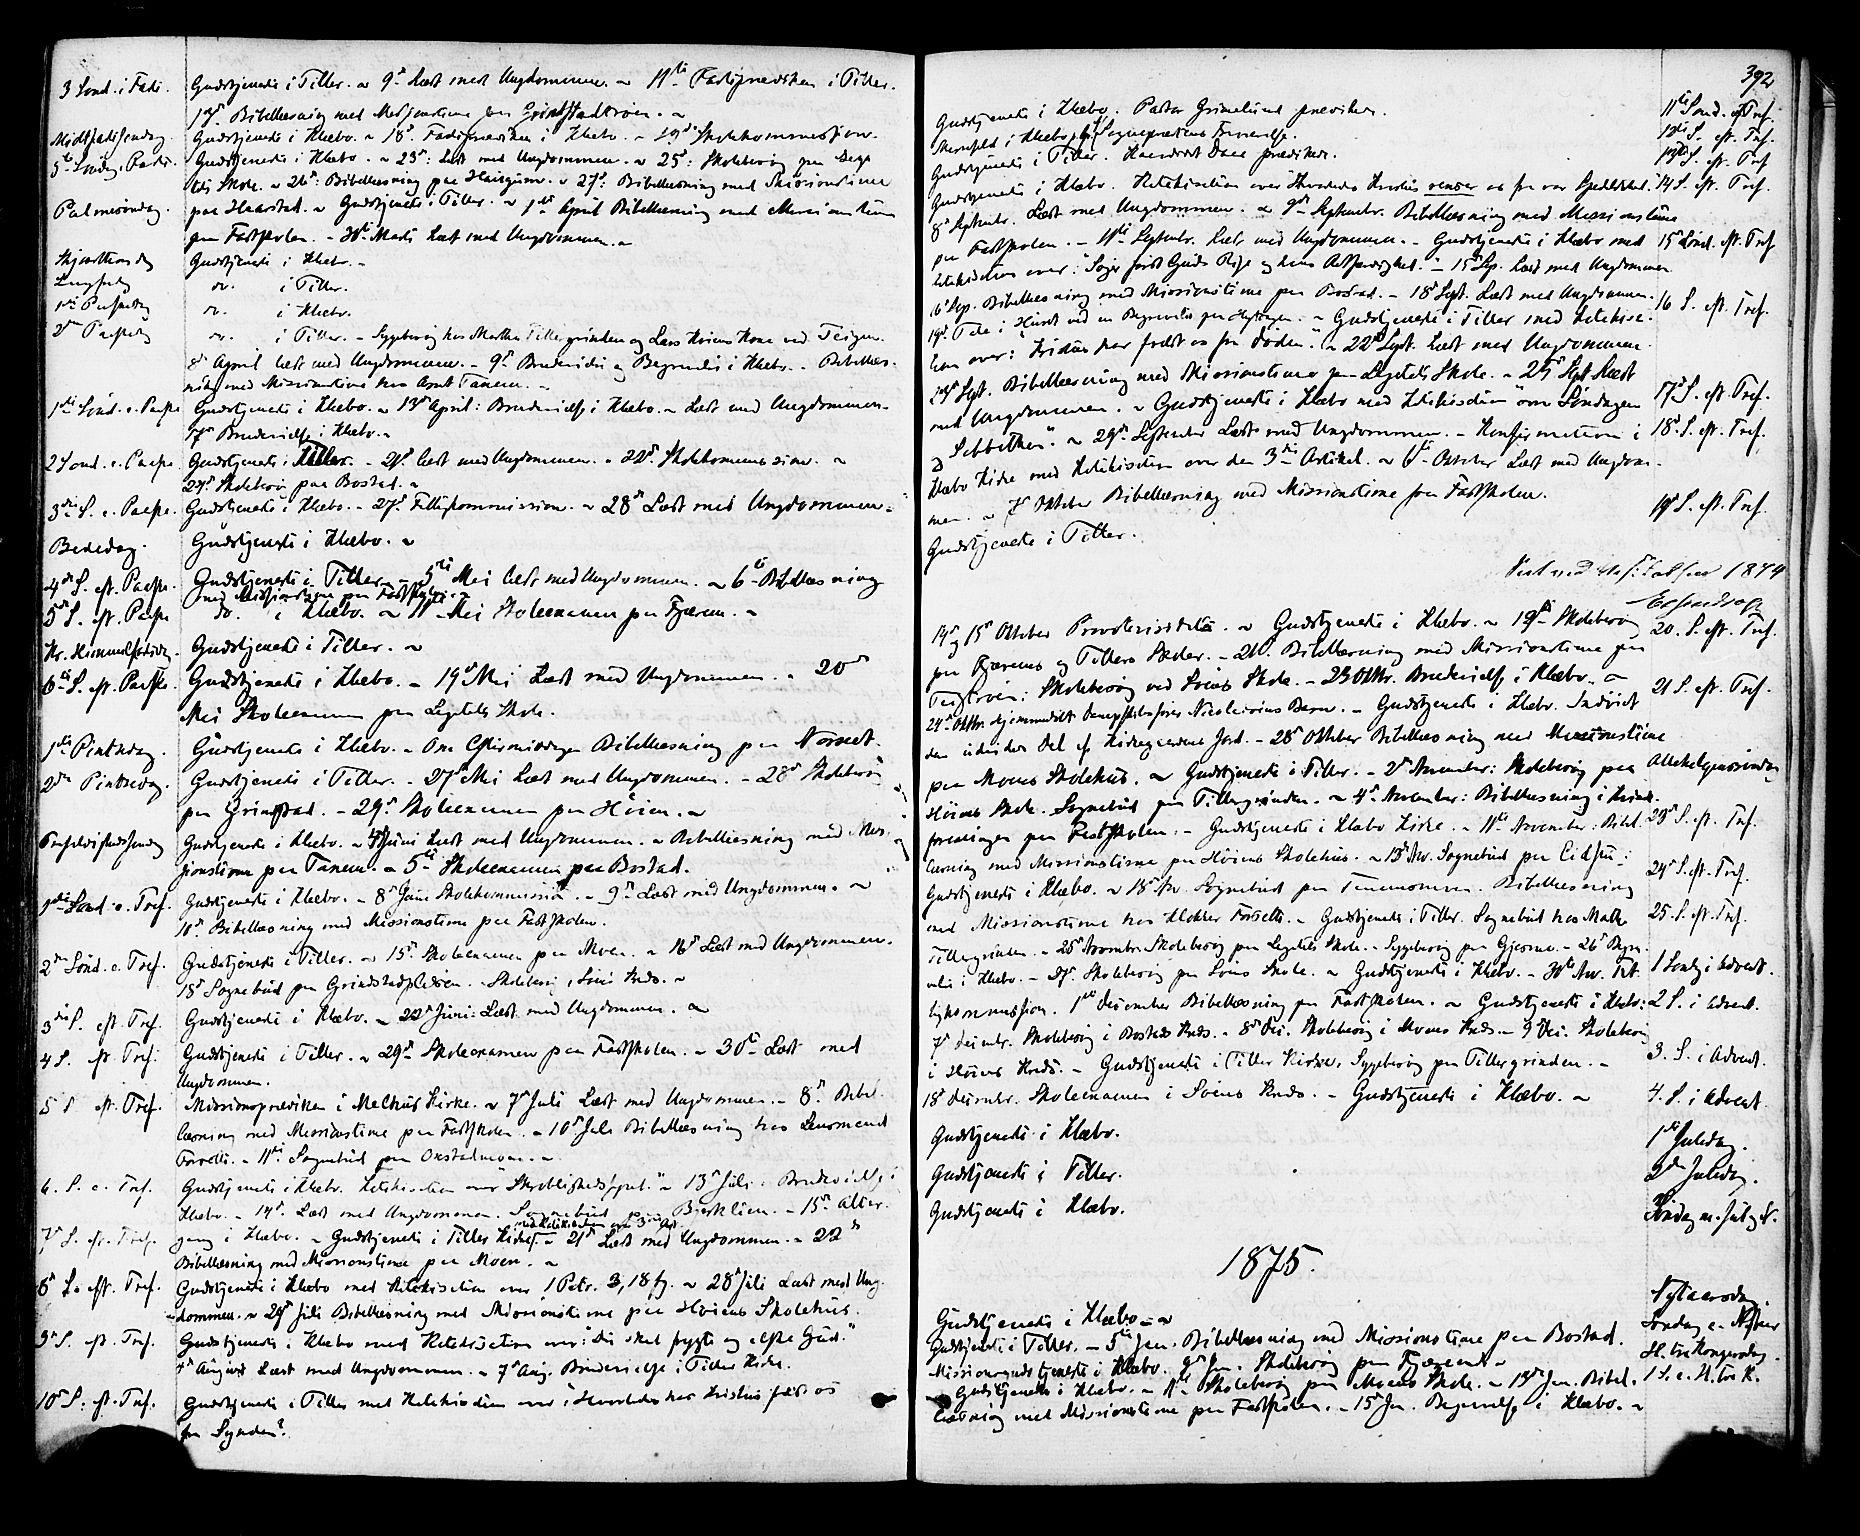 SAT, Ministerialprotokoller, klokkerbøker og fødselsregistre - Sør-Trøndelag, 618/L0442: Ministerialbok nr. 618A06 /1, 1863-1879, s. 392